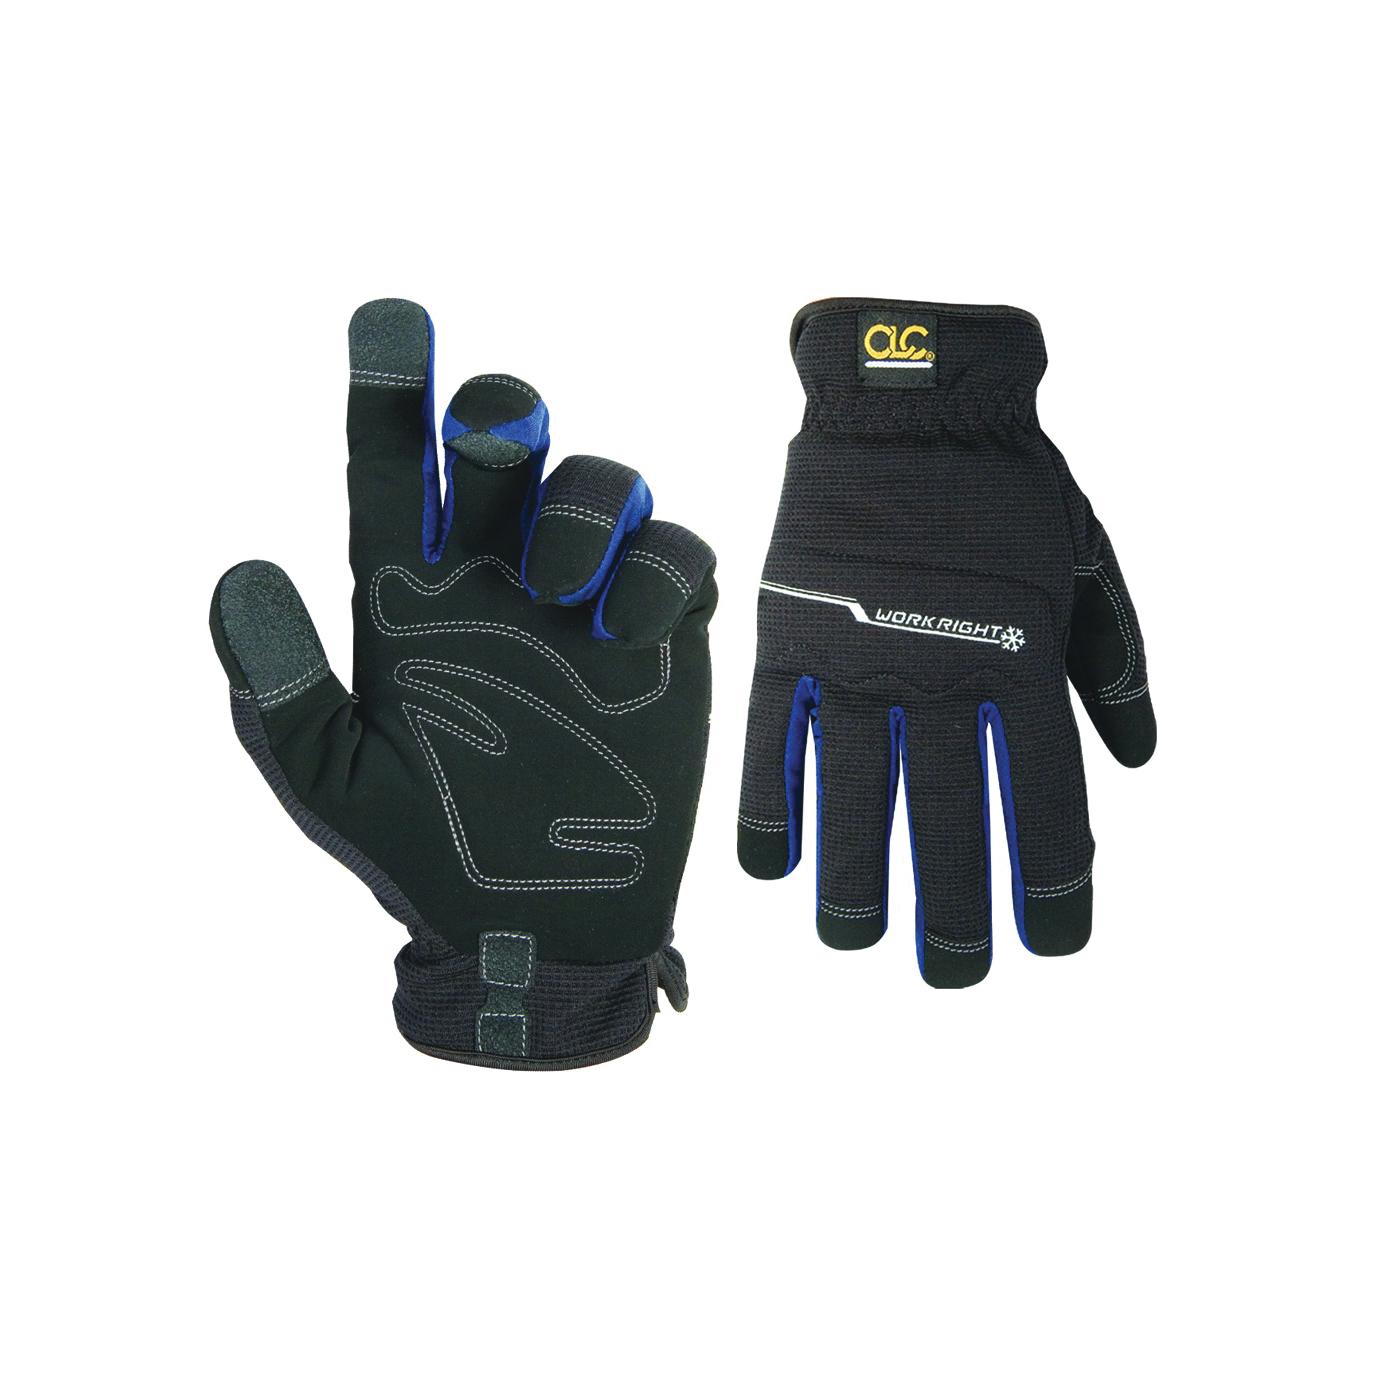 Picture of CLC FlexGrip L123L Work Gloves, Men's, L, Open Cuff, Black